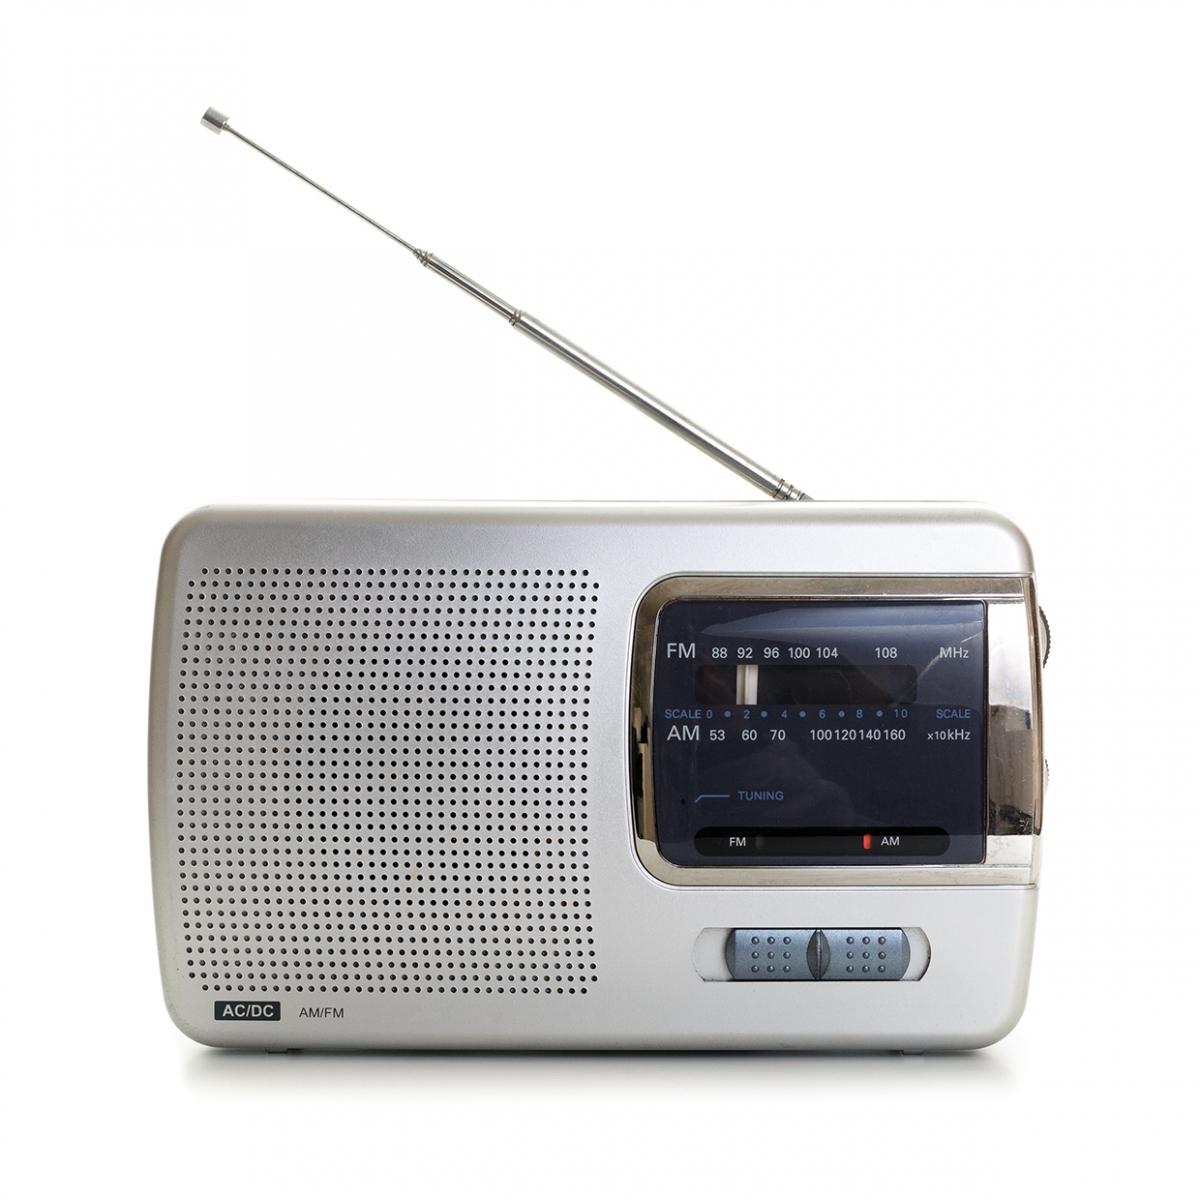 Imagen en la que se ve una radio